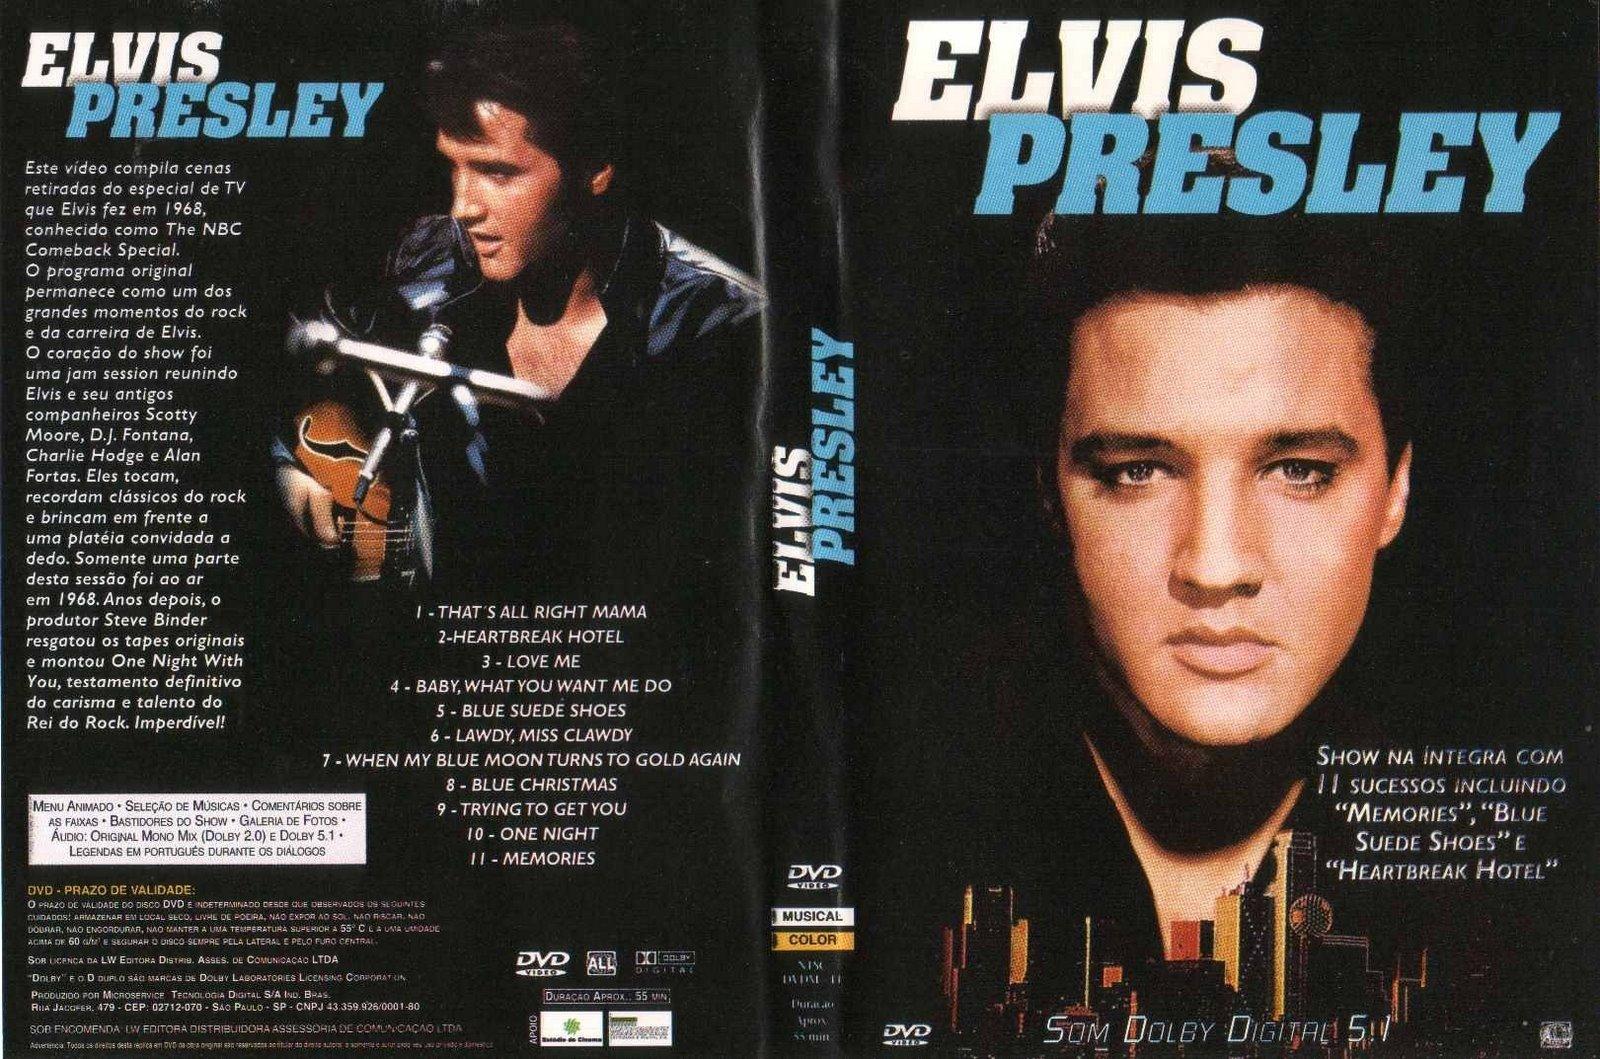 http://4.bp.blogspot.com/_brcl7Spzbn4/S97_Gjo9btI/AAAAAAAAAGU/lzbUDw3jbdc/s1600/Elvis_Presley_____.jpg